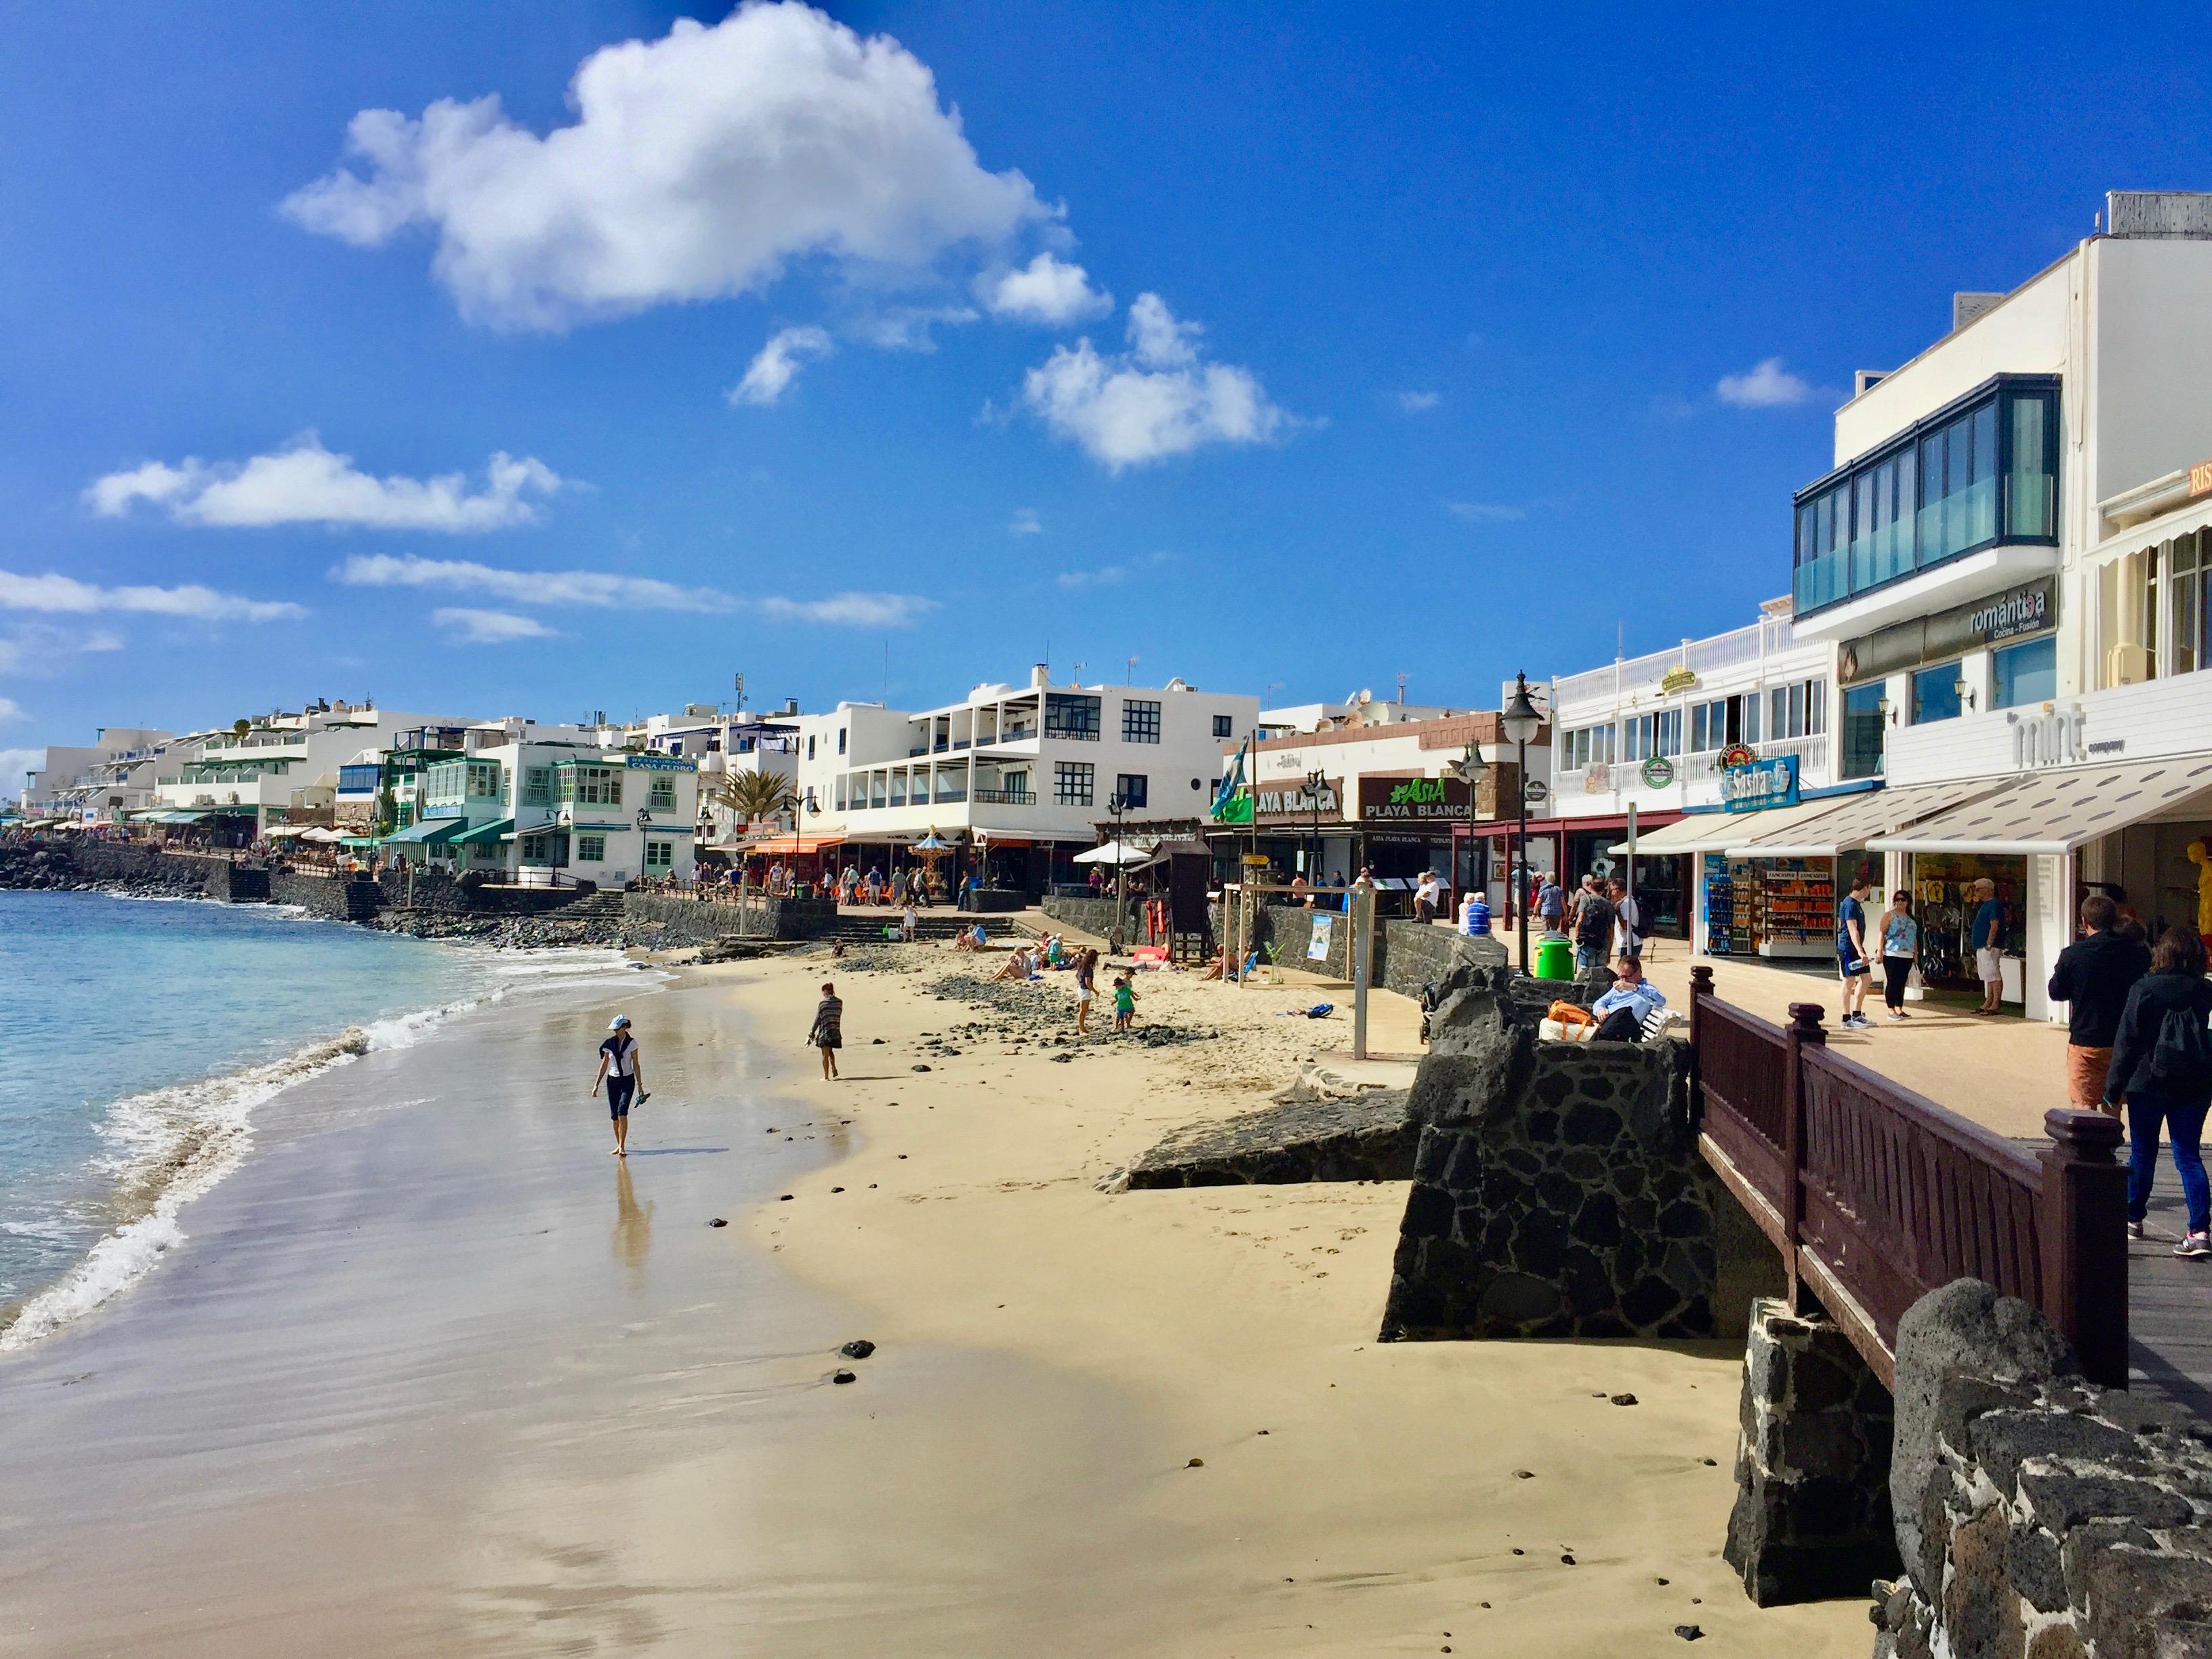 Strand in Playa Blanca im Süden von Lanzarote